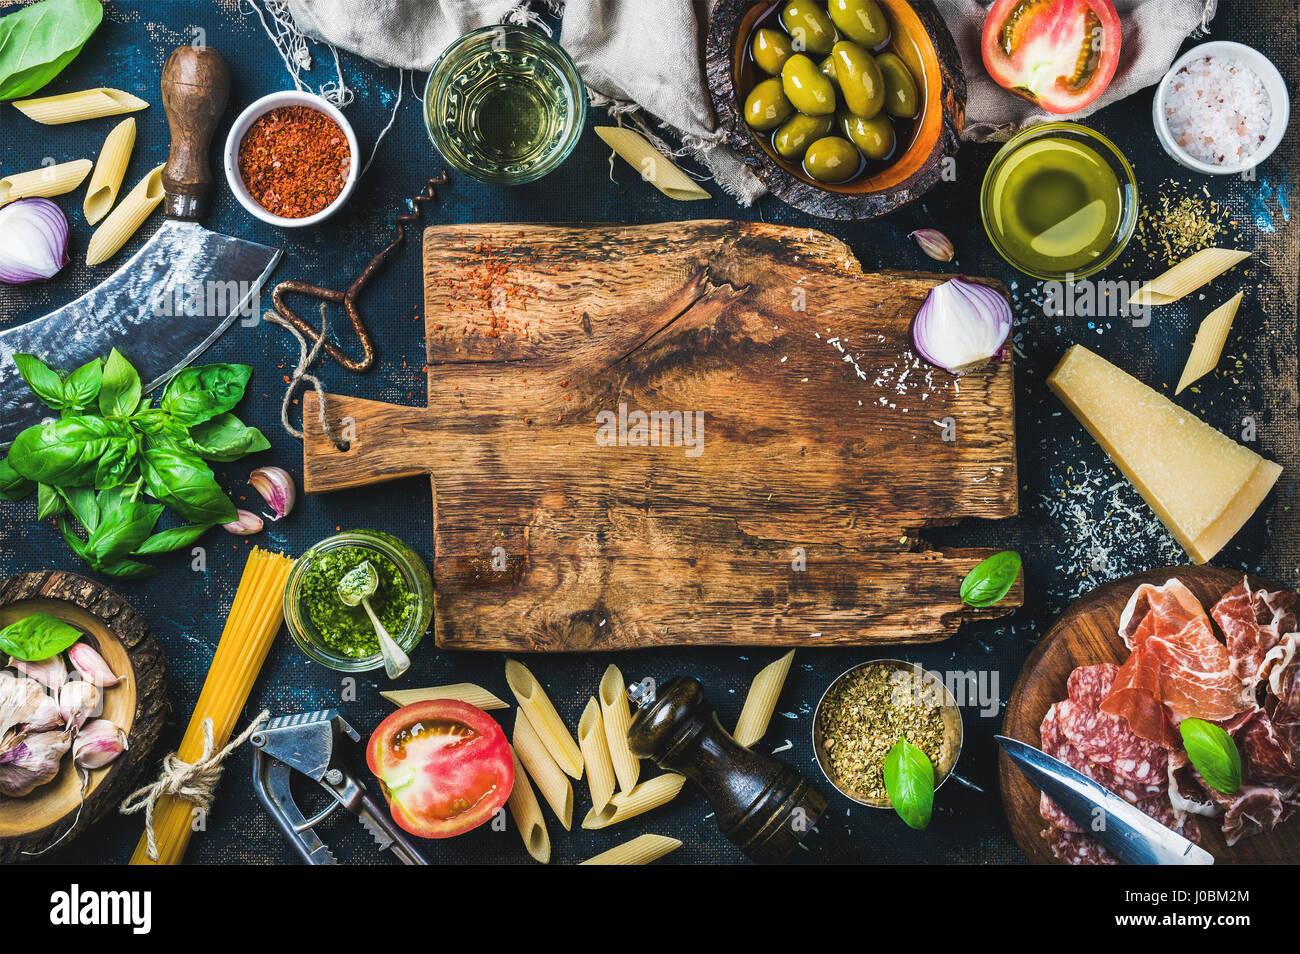 Ingredientes para cocinar la comida italiana sobre fondo oscuro Imagen De Stock